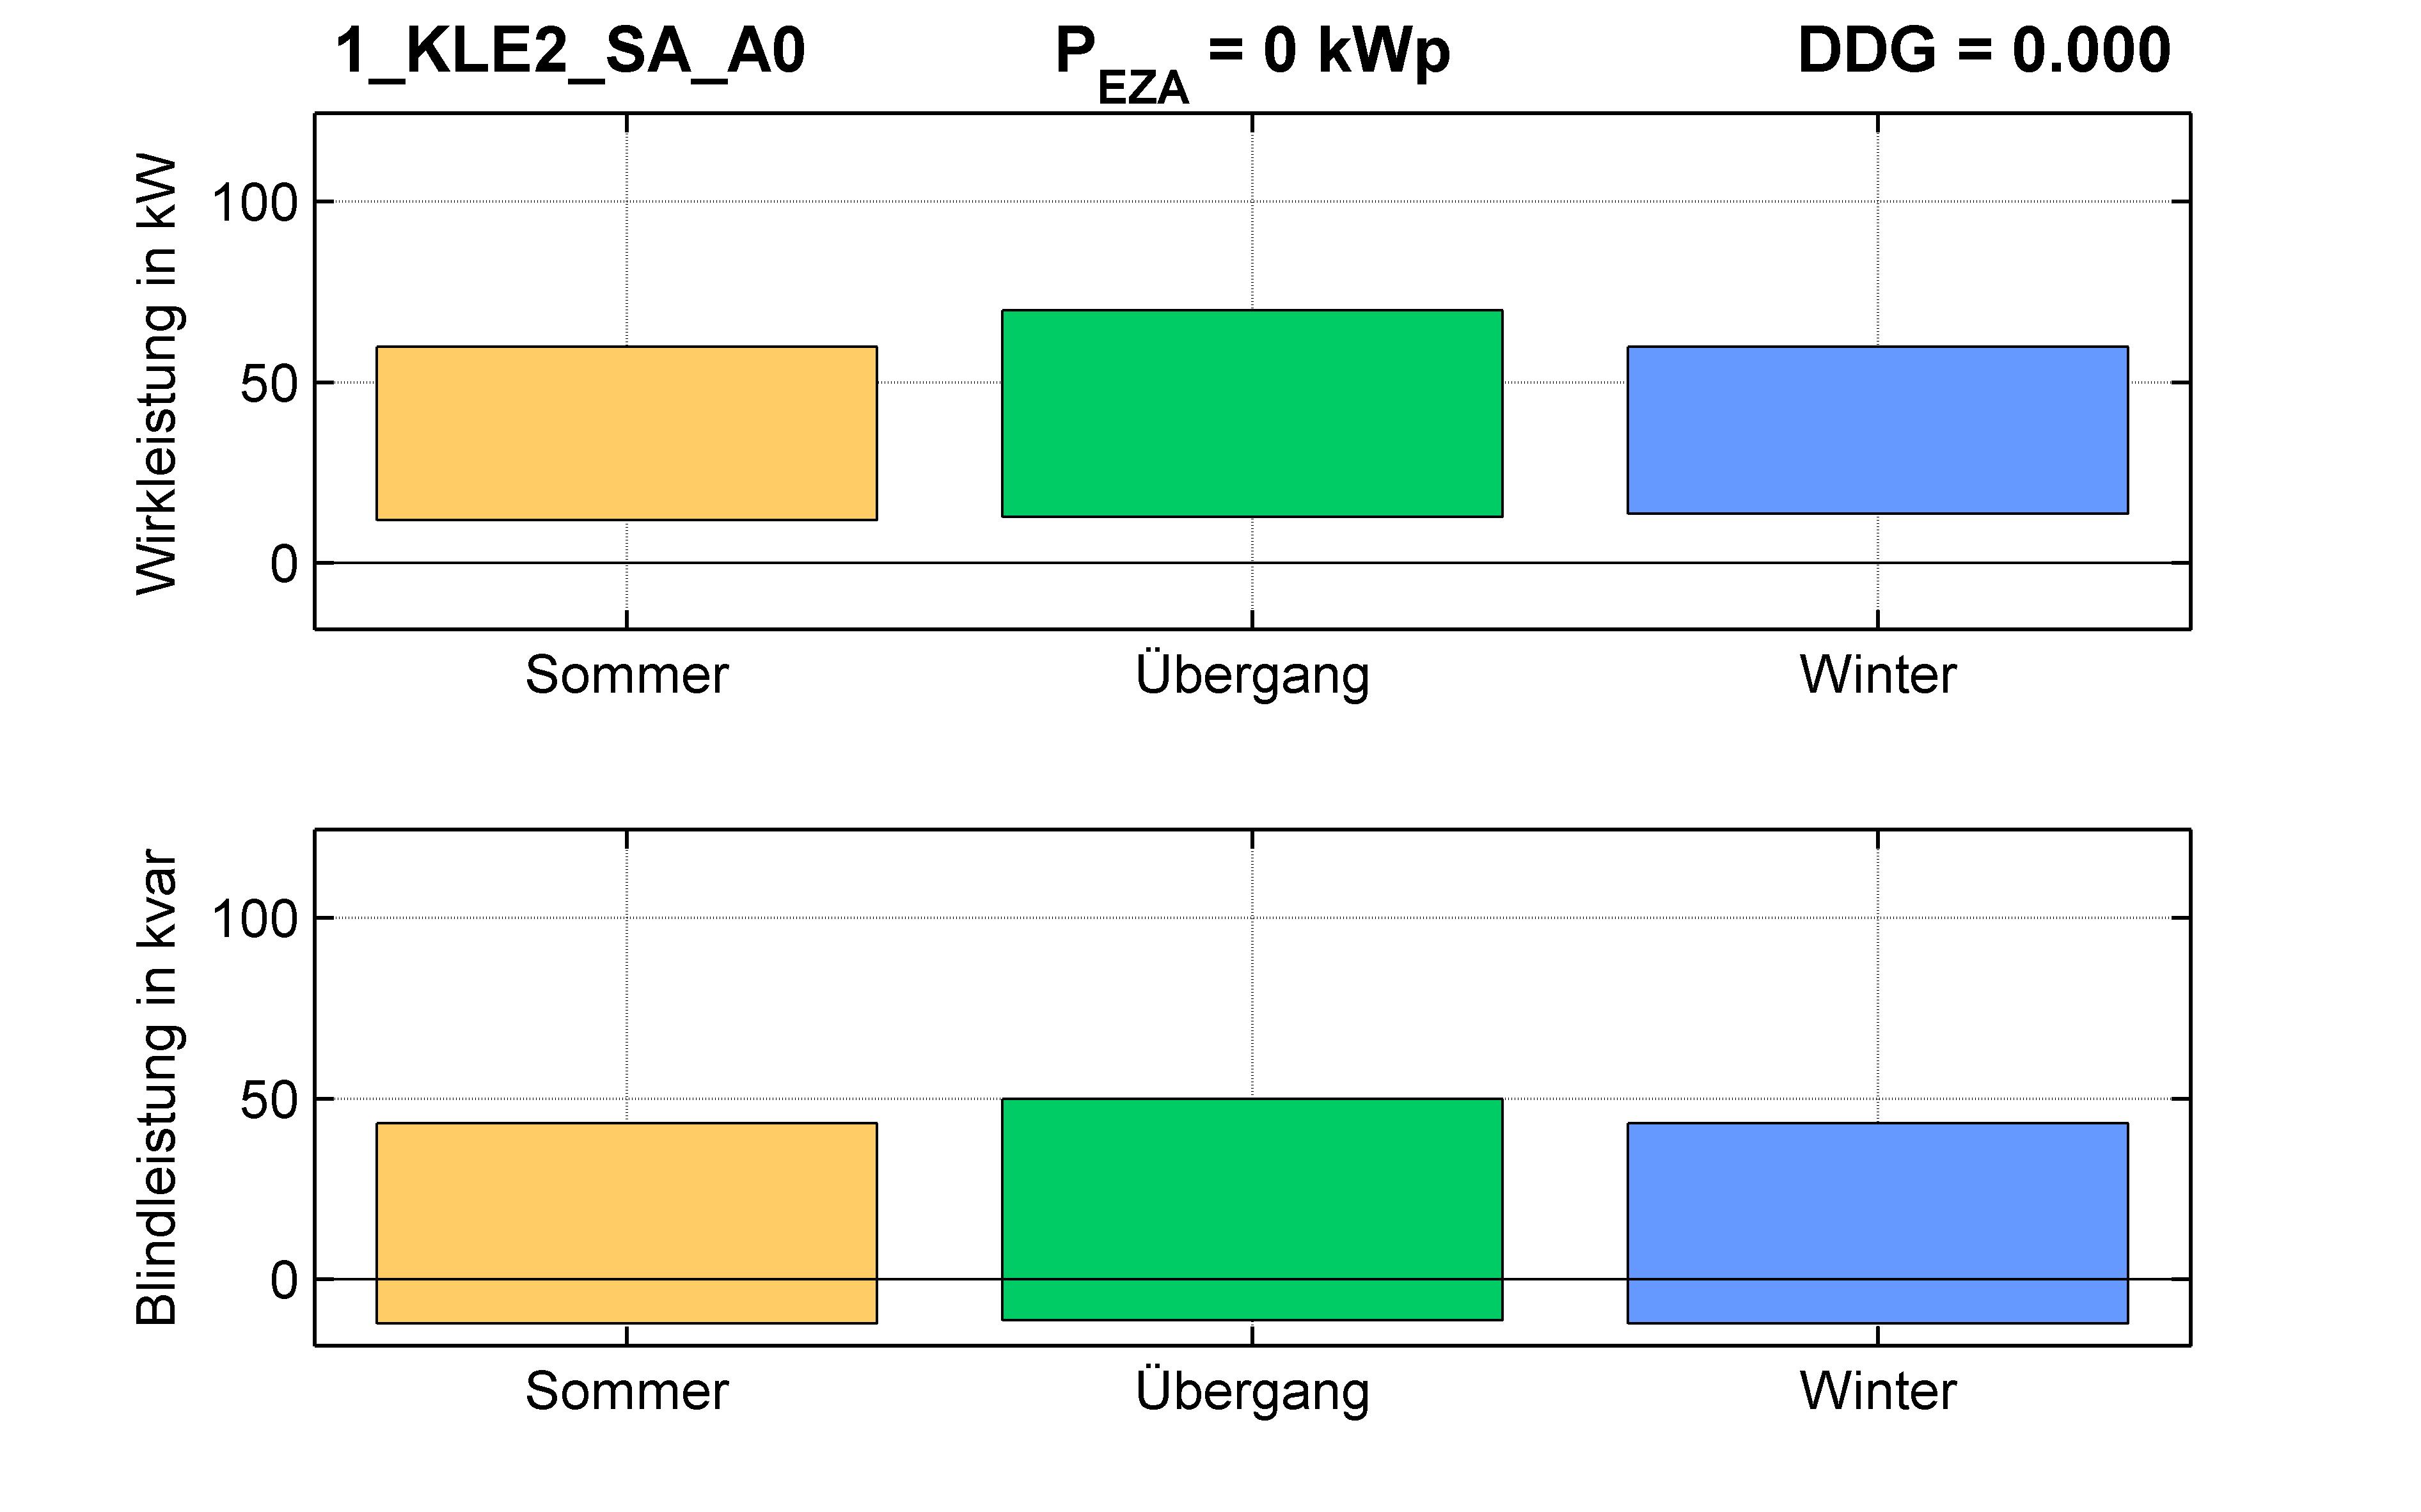 KLE2 | KABEL (SA) A0 | PQ-Bilanz